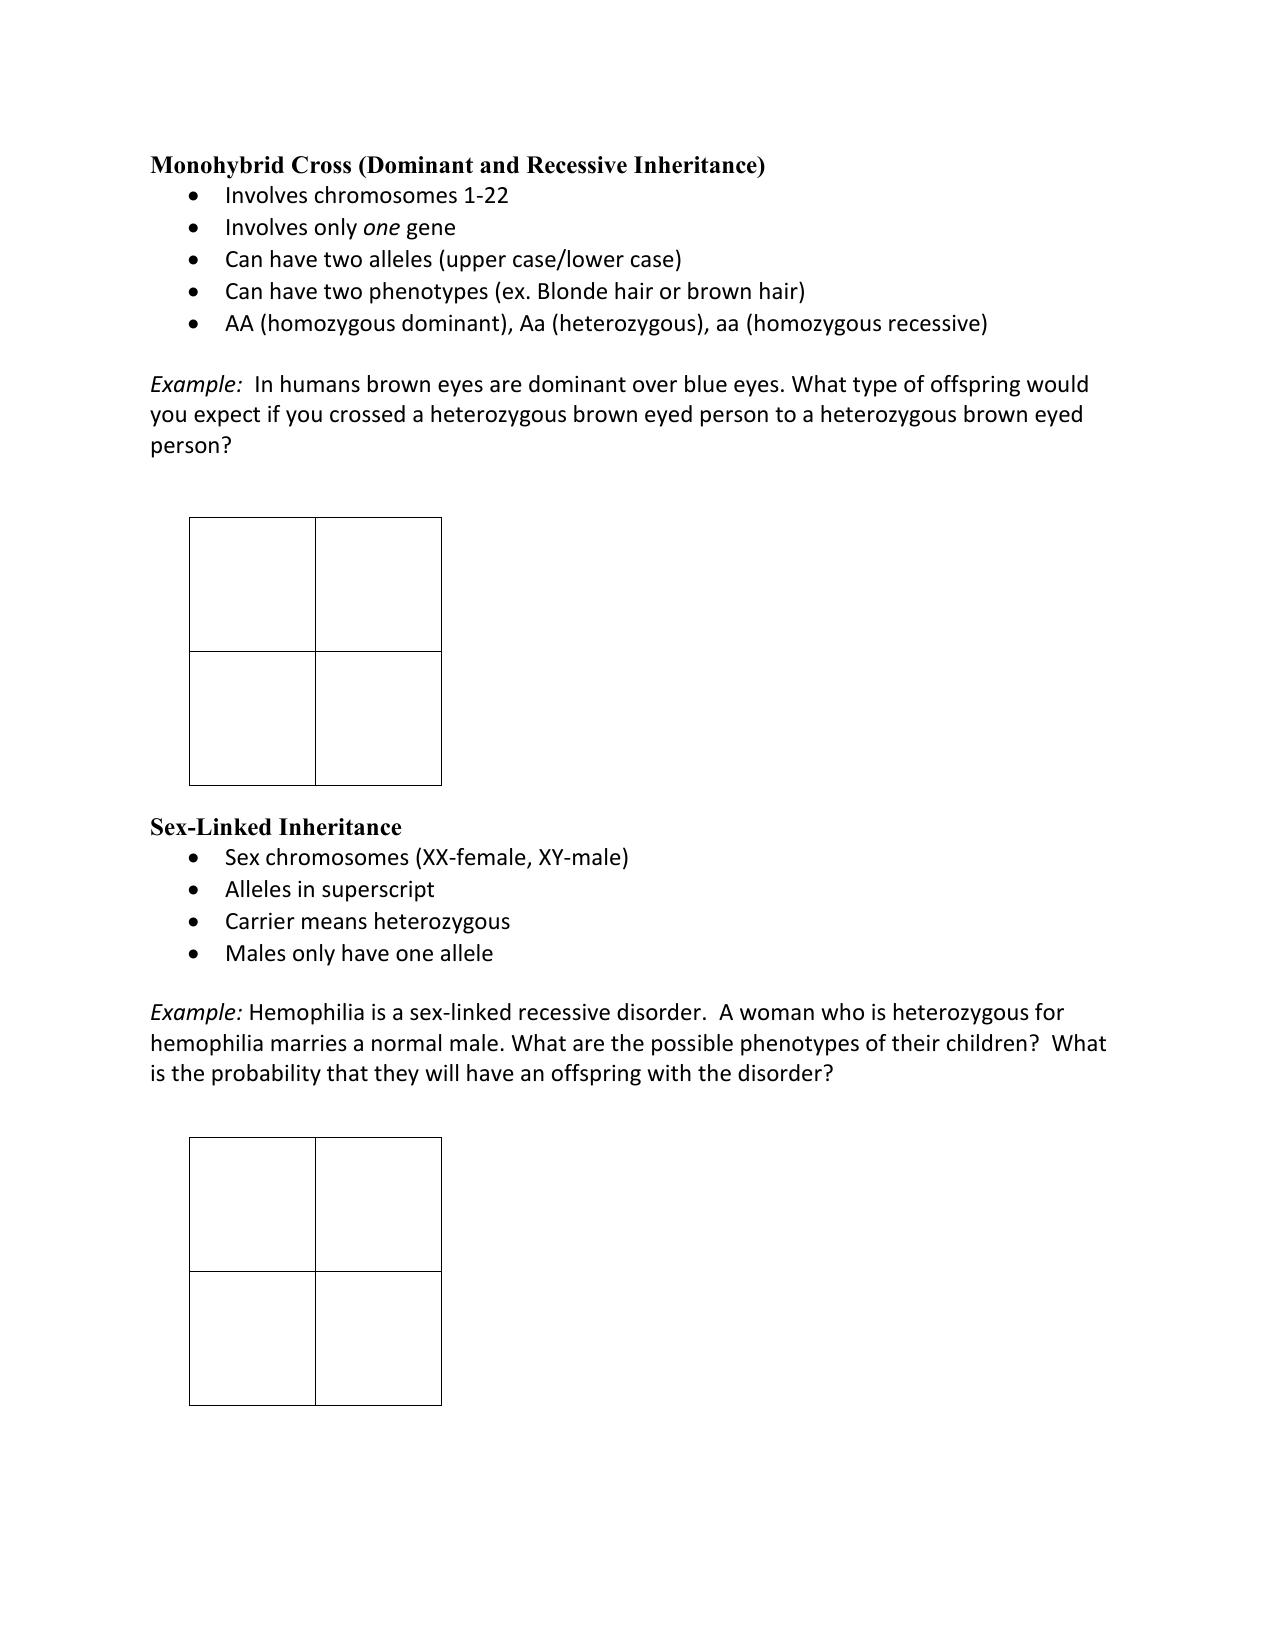 Punnett Square Examples (Notebook)